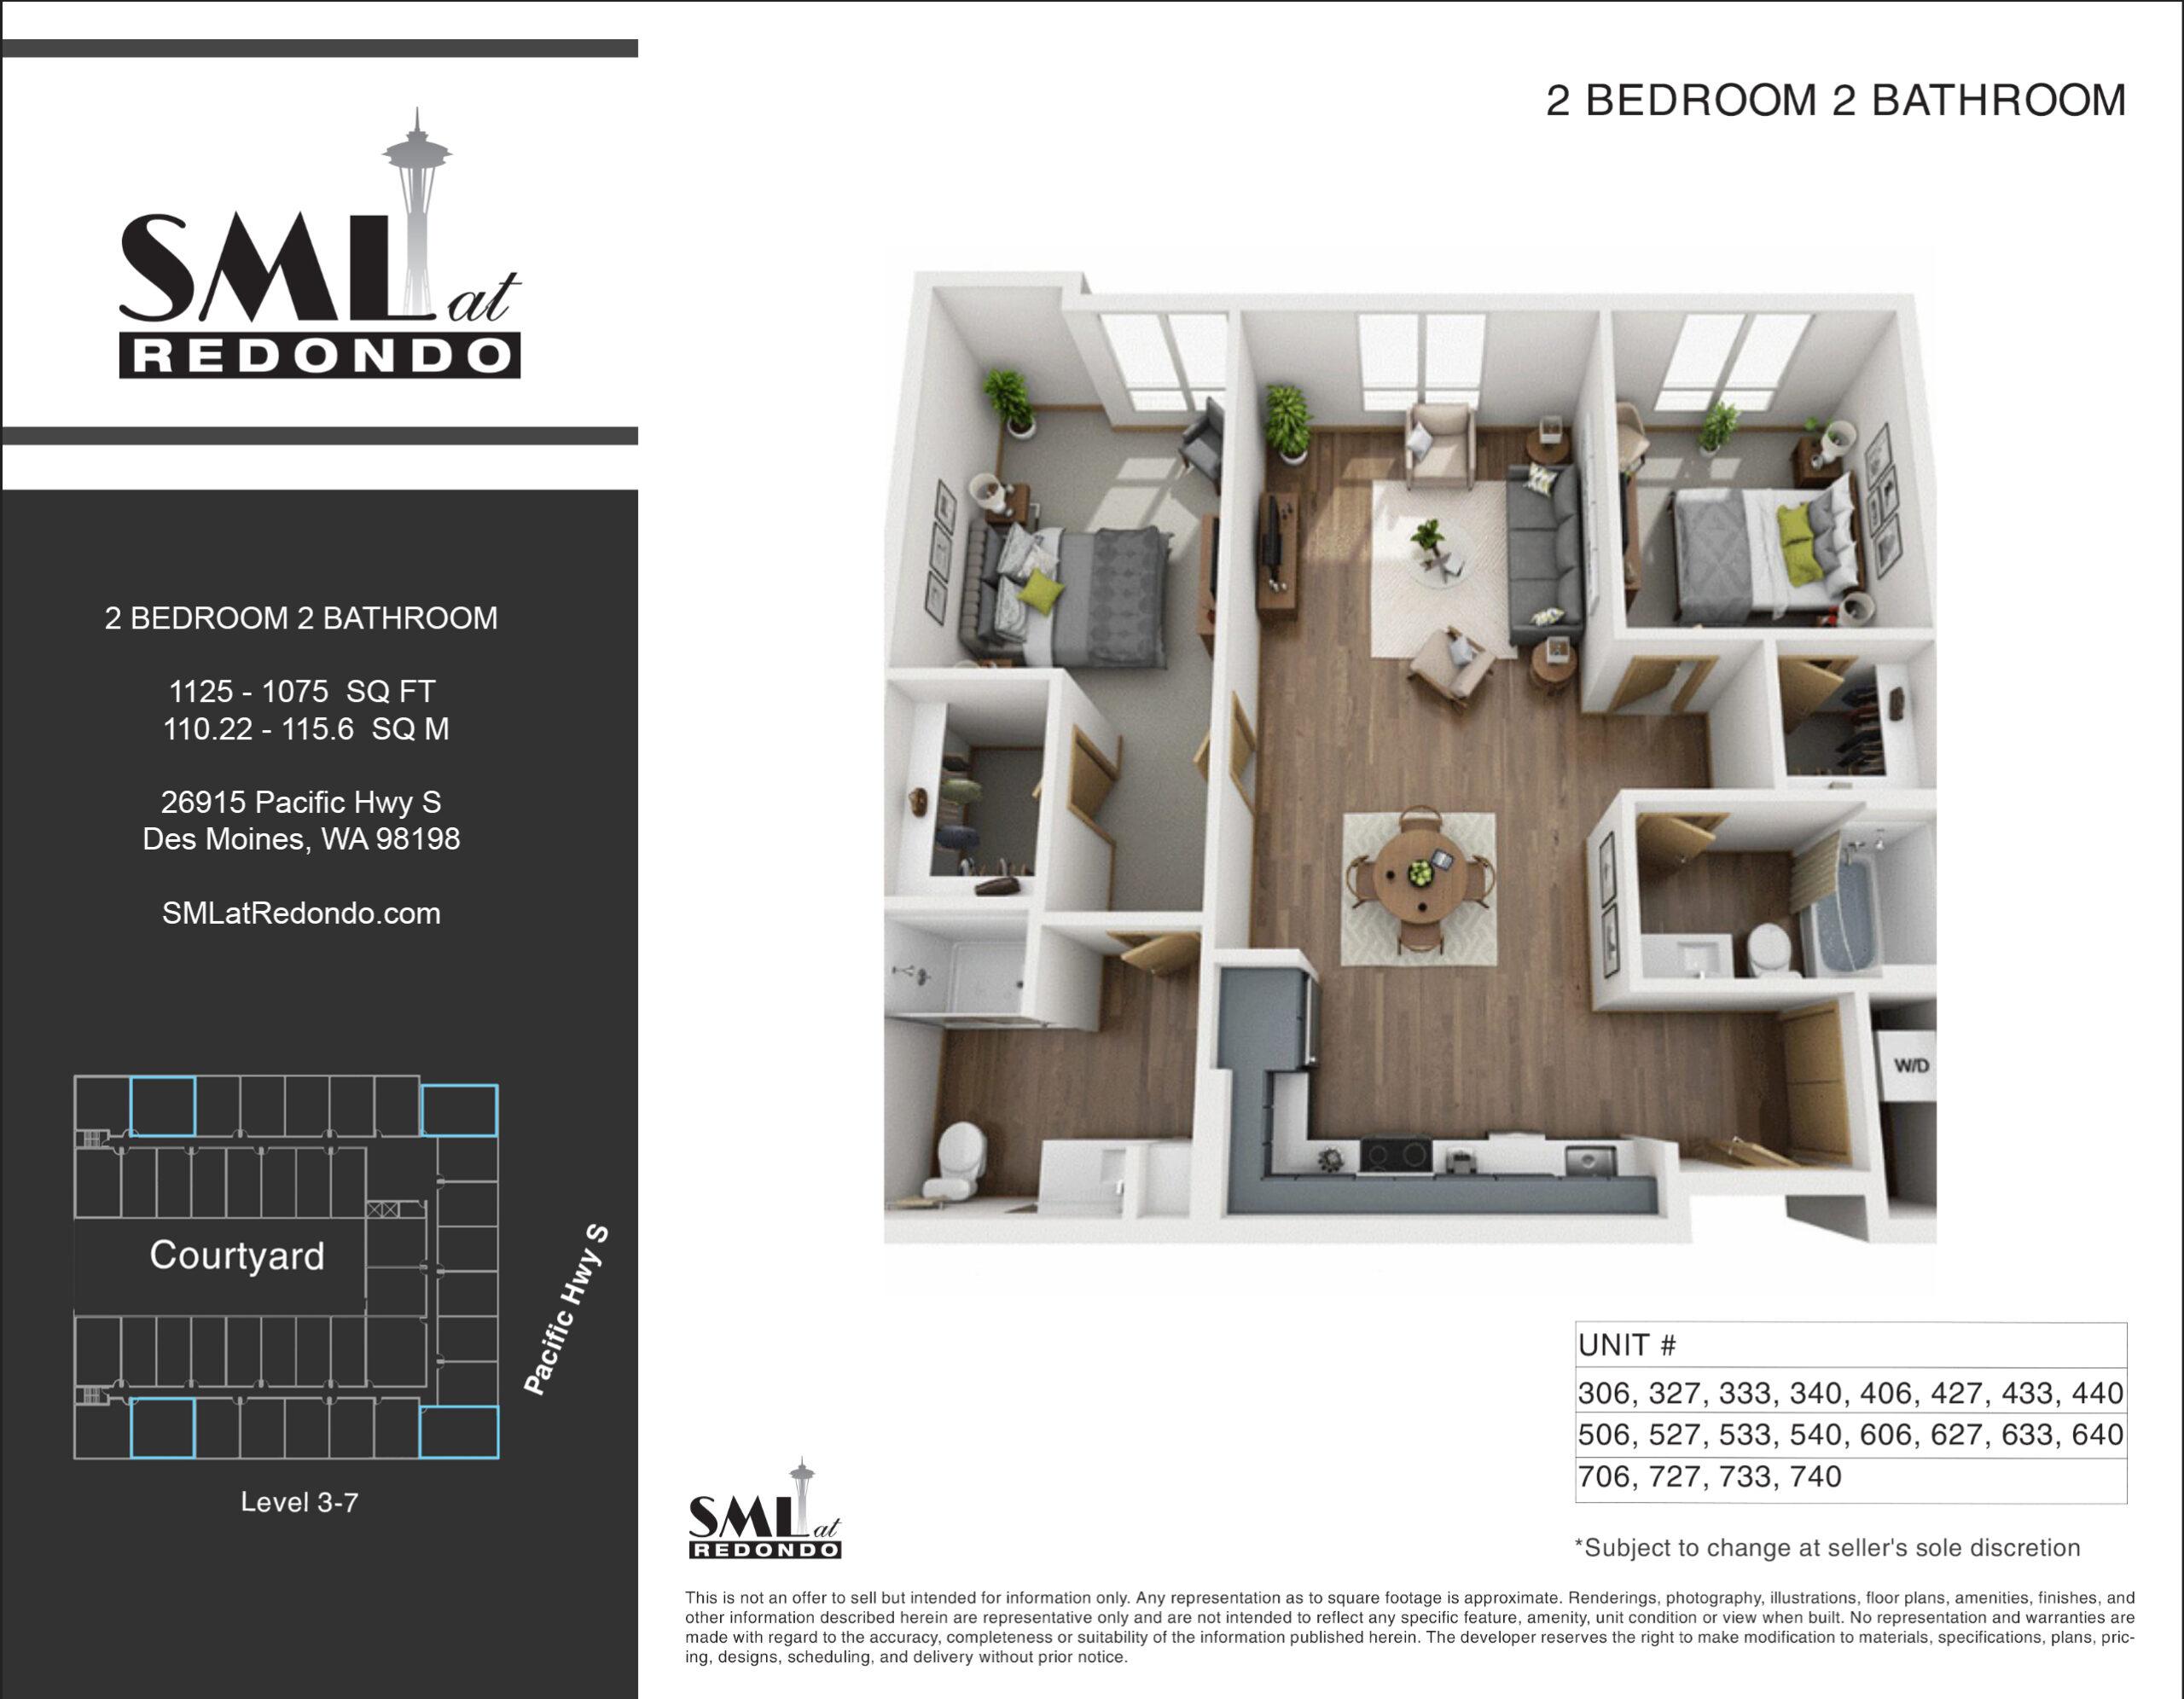 SML Redondo 2 Bedroom 2 Bathroom